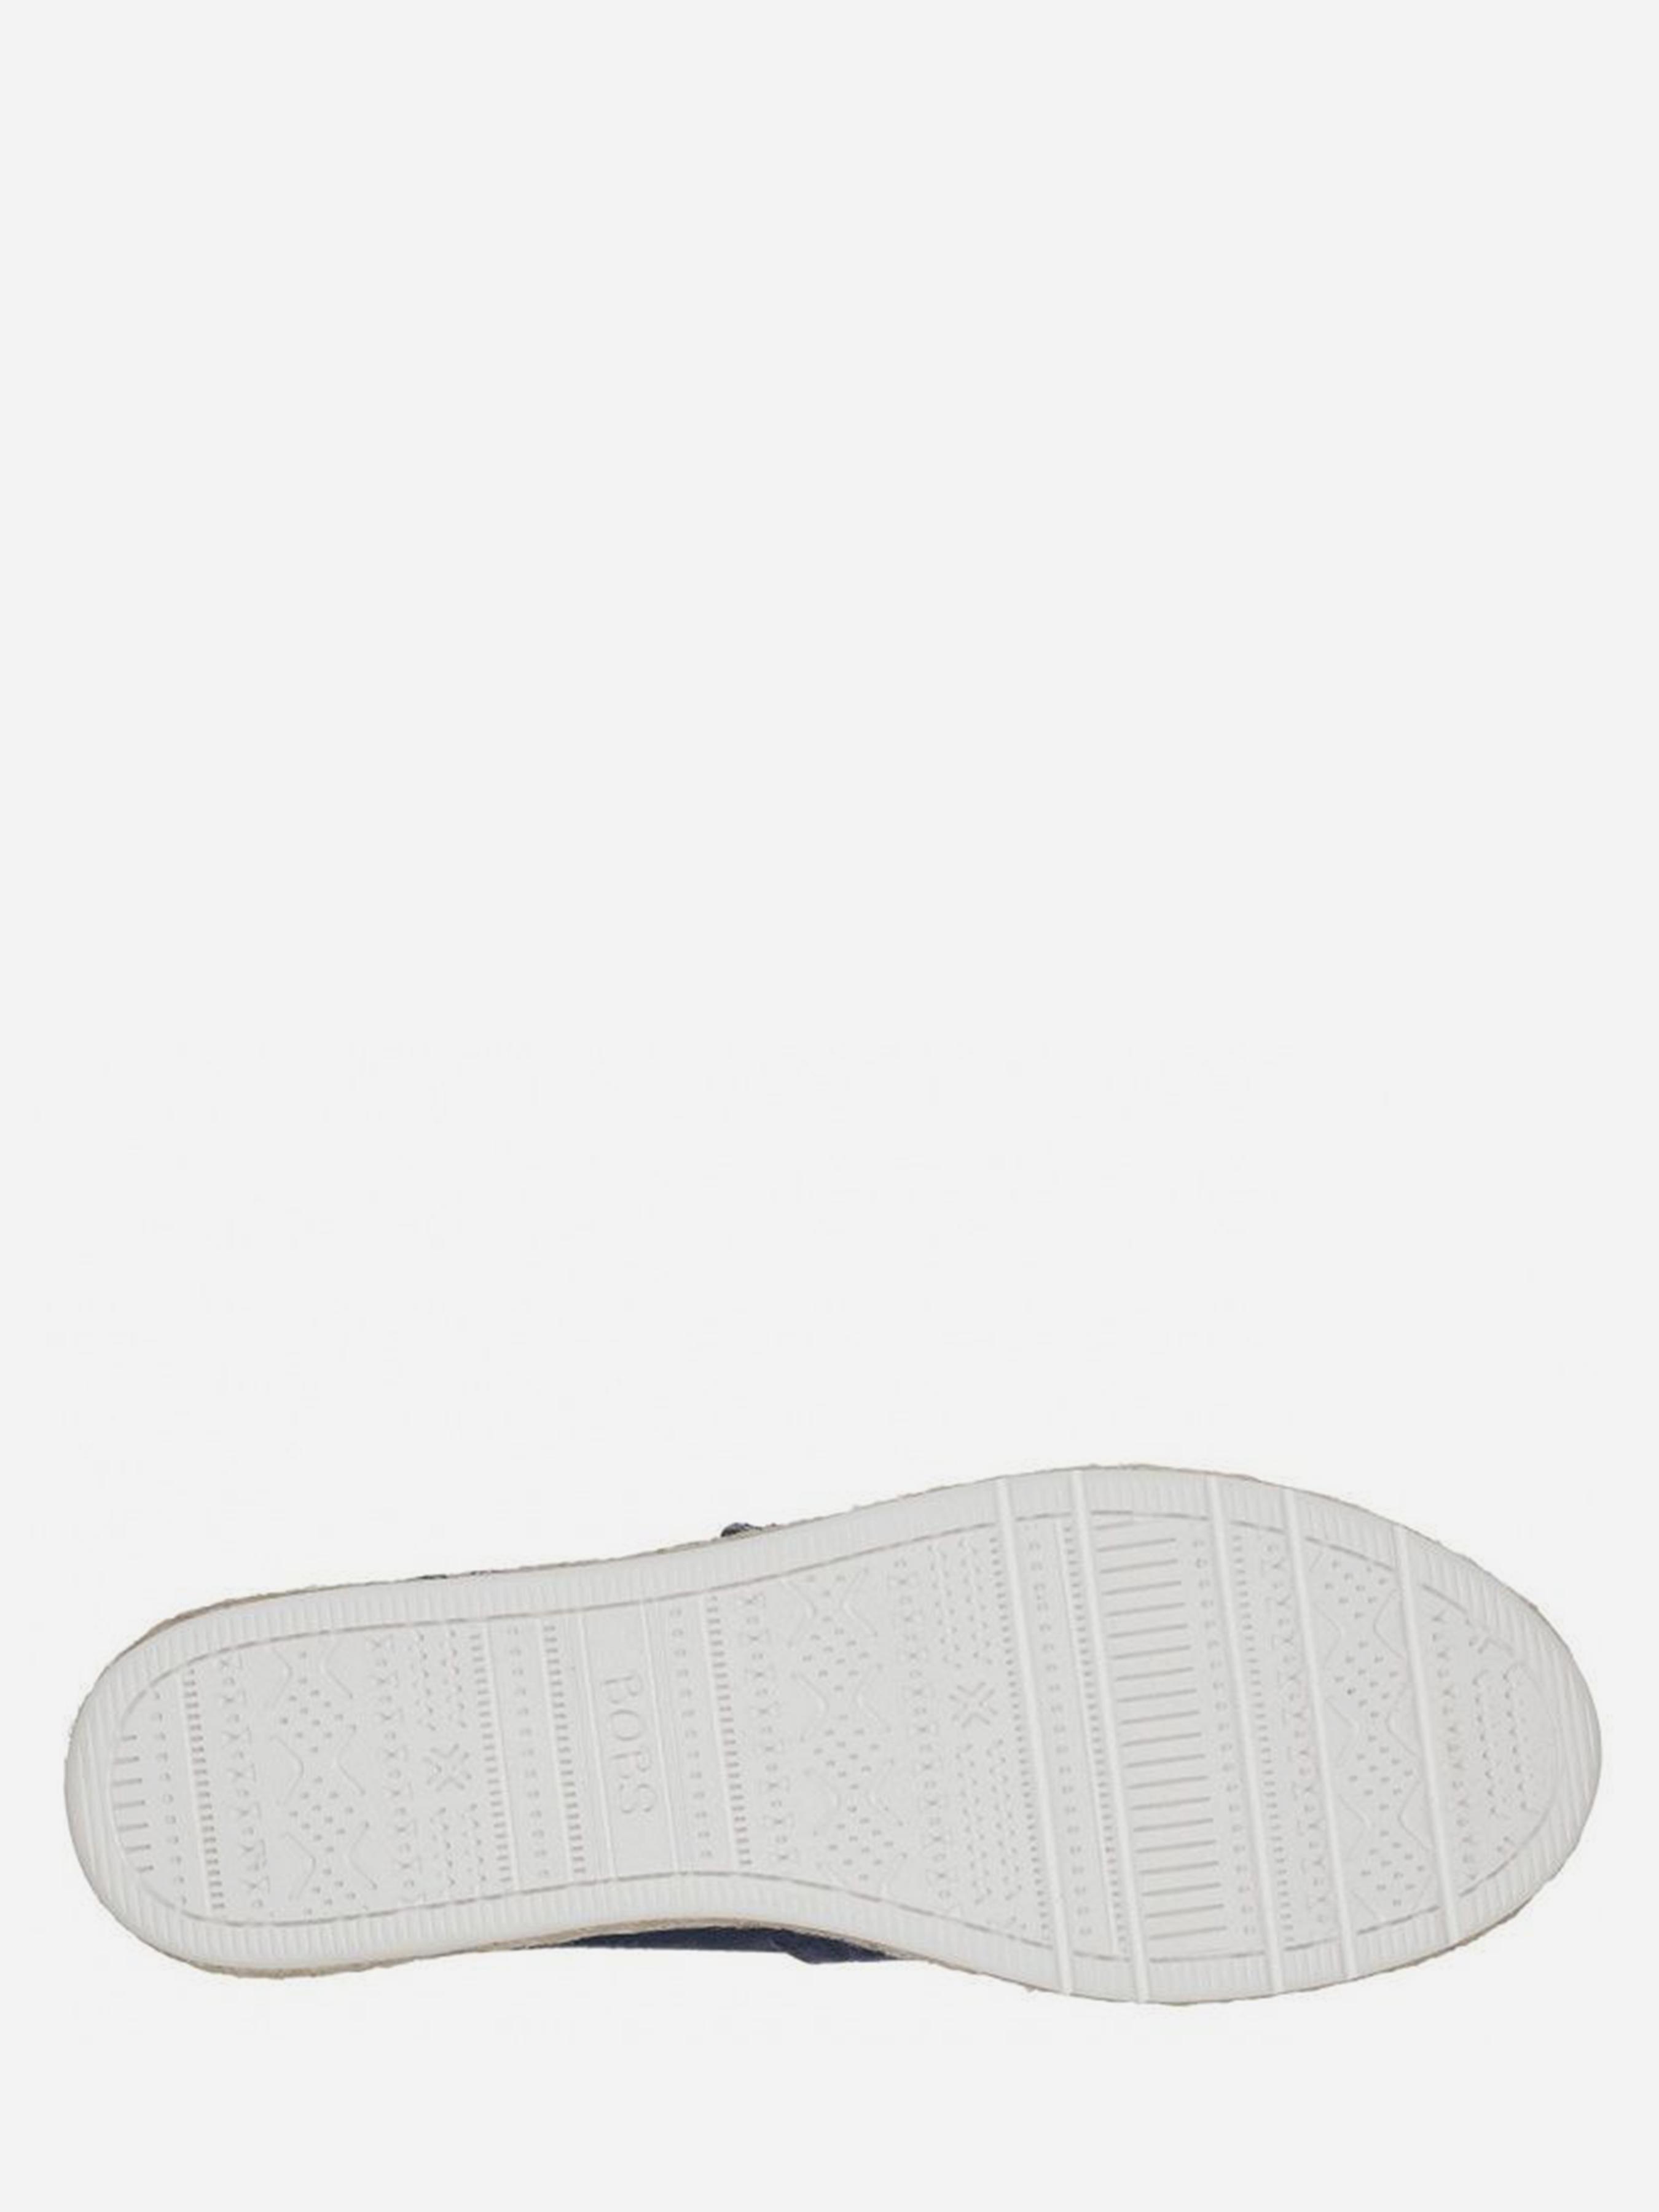 Сліпони  для жінок Skechers 32719 NVY , 2017